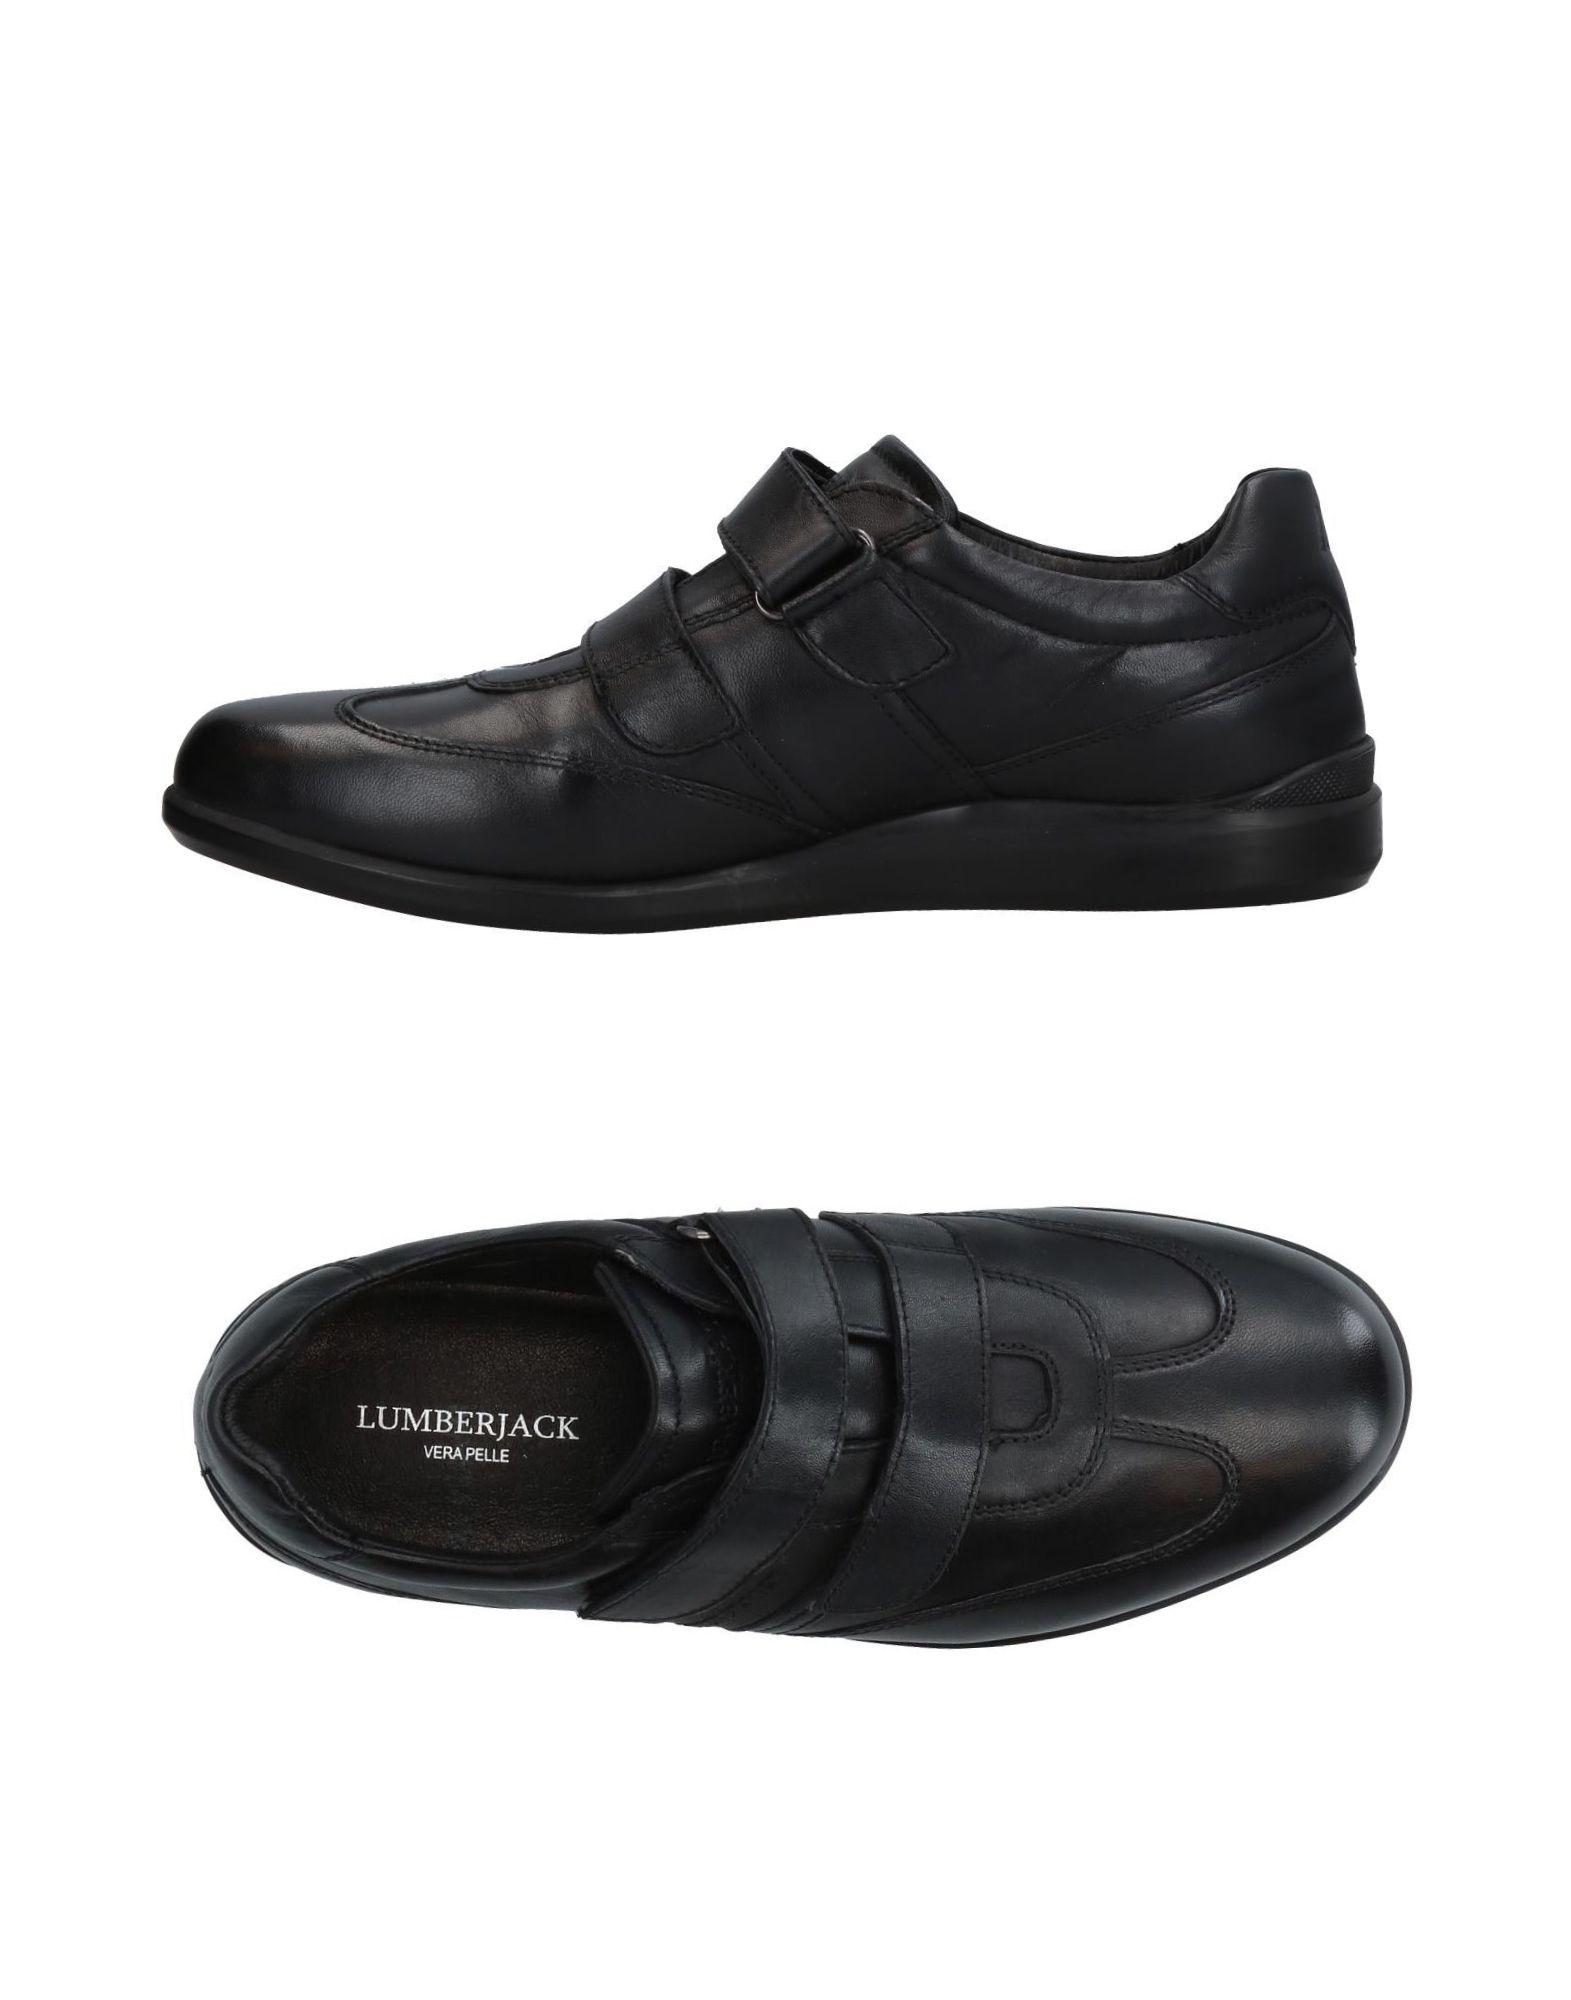 Sneakers Lumberjack Homme - Sneakers Lumberjack sur